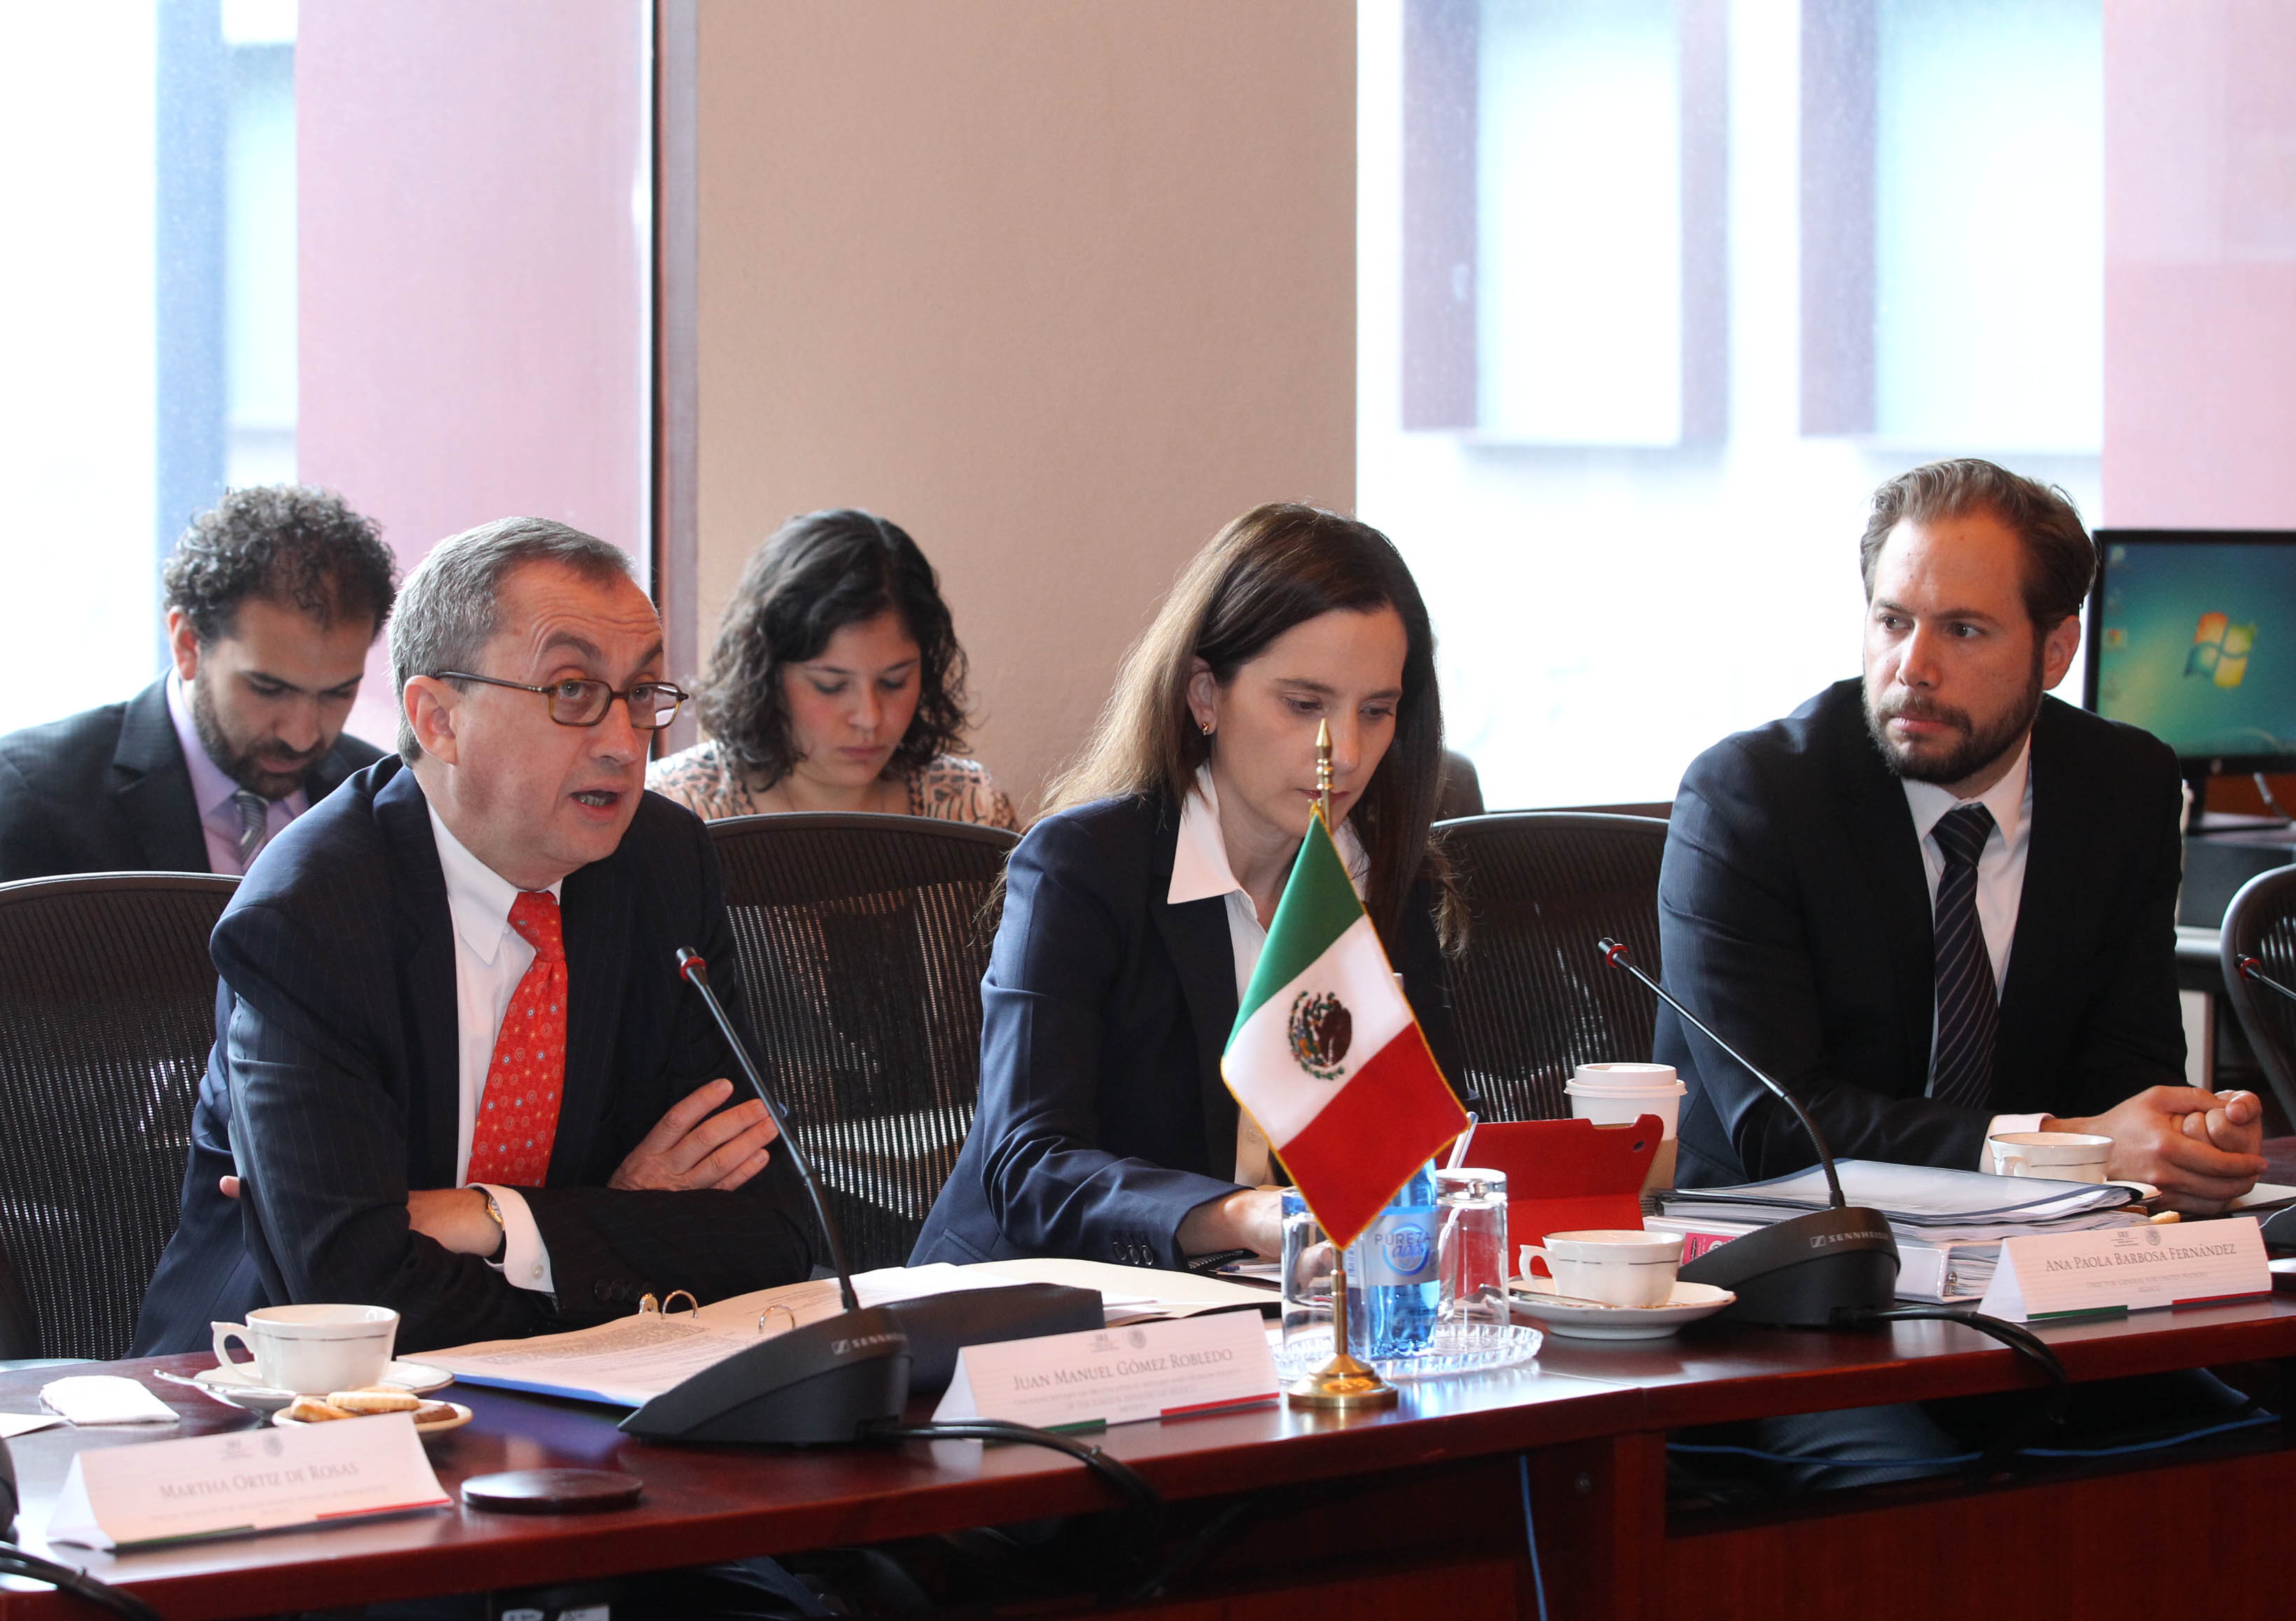 FOTO 2 M xico  Canad  y Estados Unidos celebran consultas trilaterales sobre temas multilateralesjpg